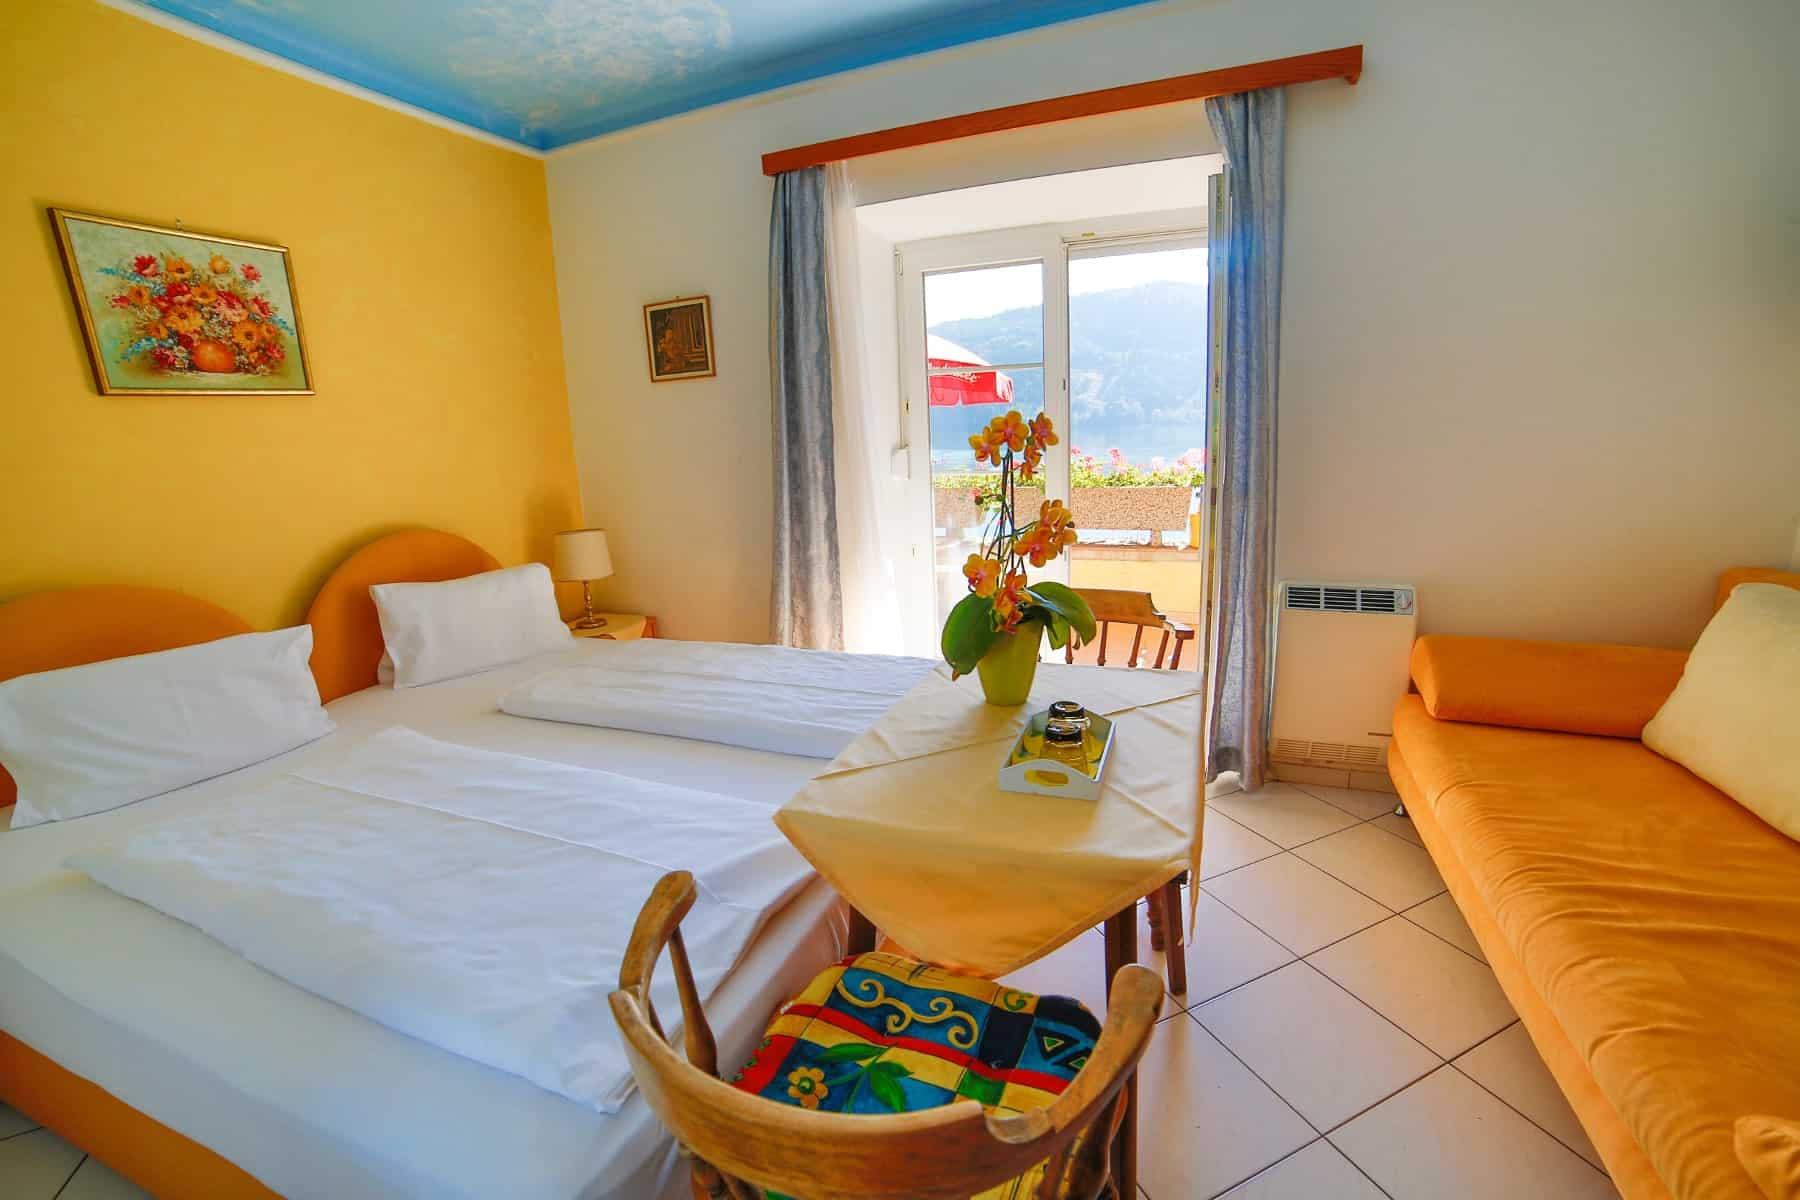 Zimmer mit Seeblick in Pension in Millstatt, Kärnten